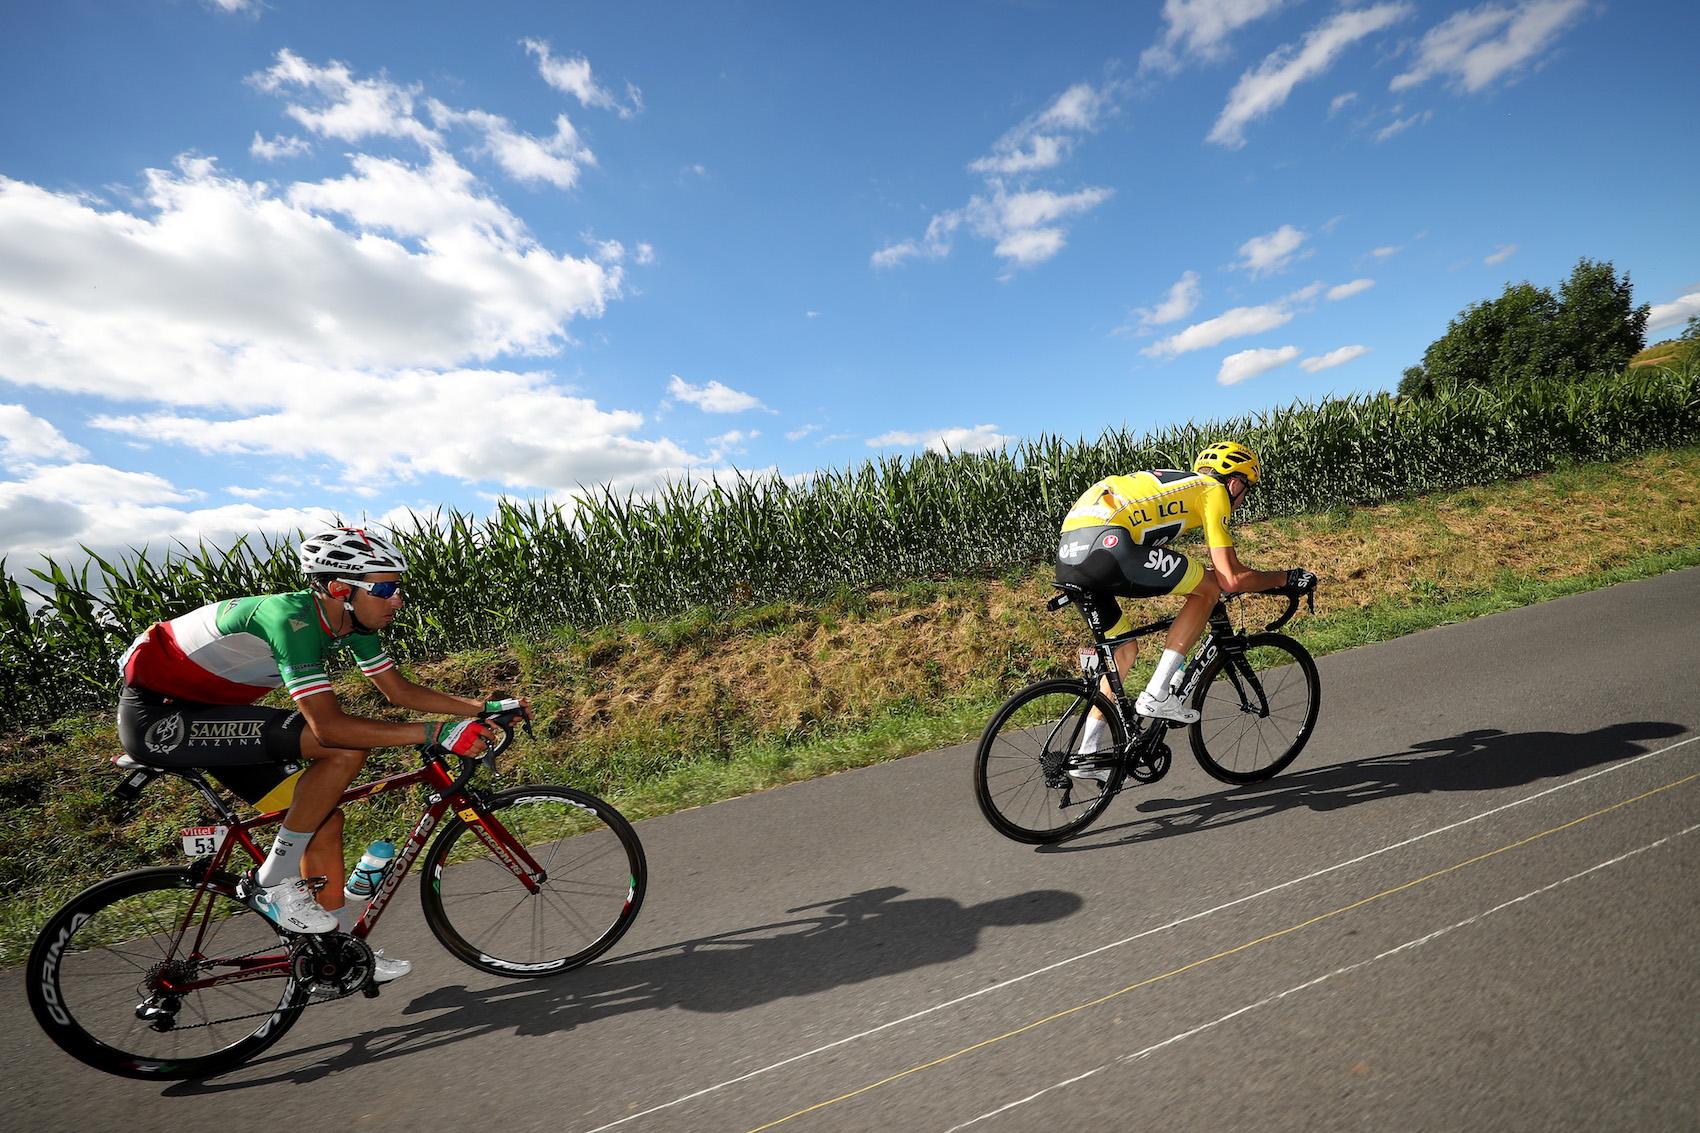 Le Tour de France 2017 - Stage Fifteen